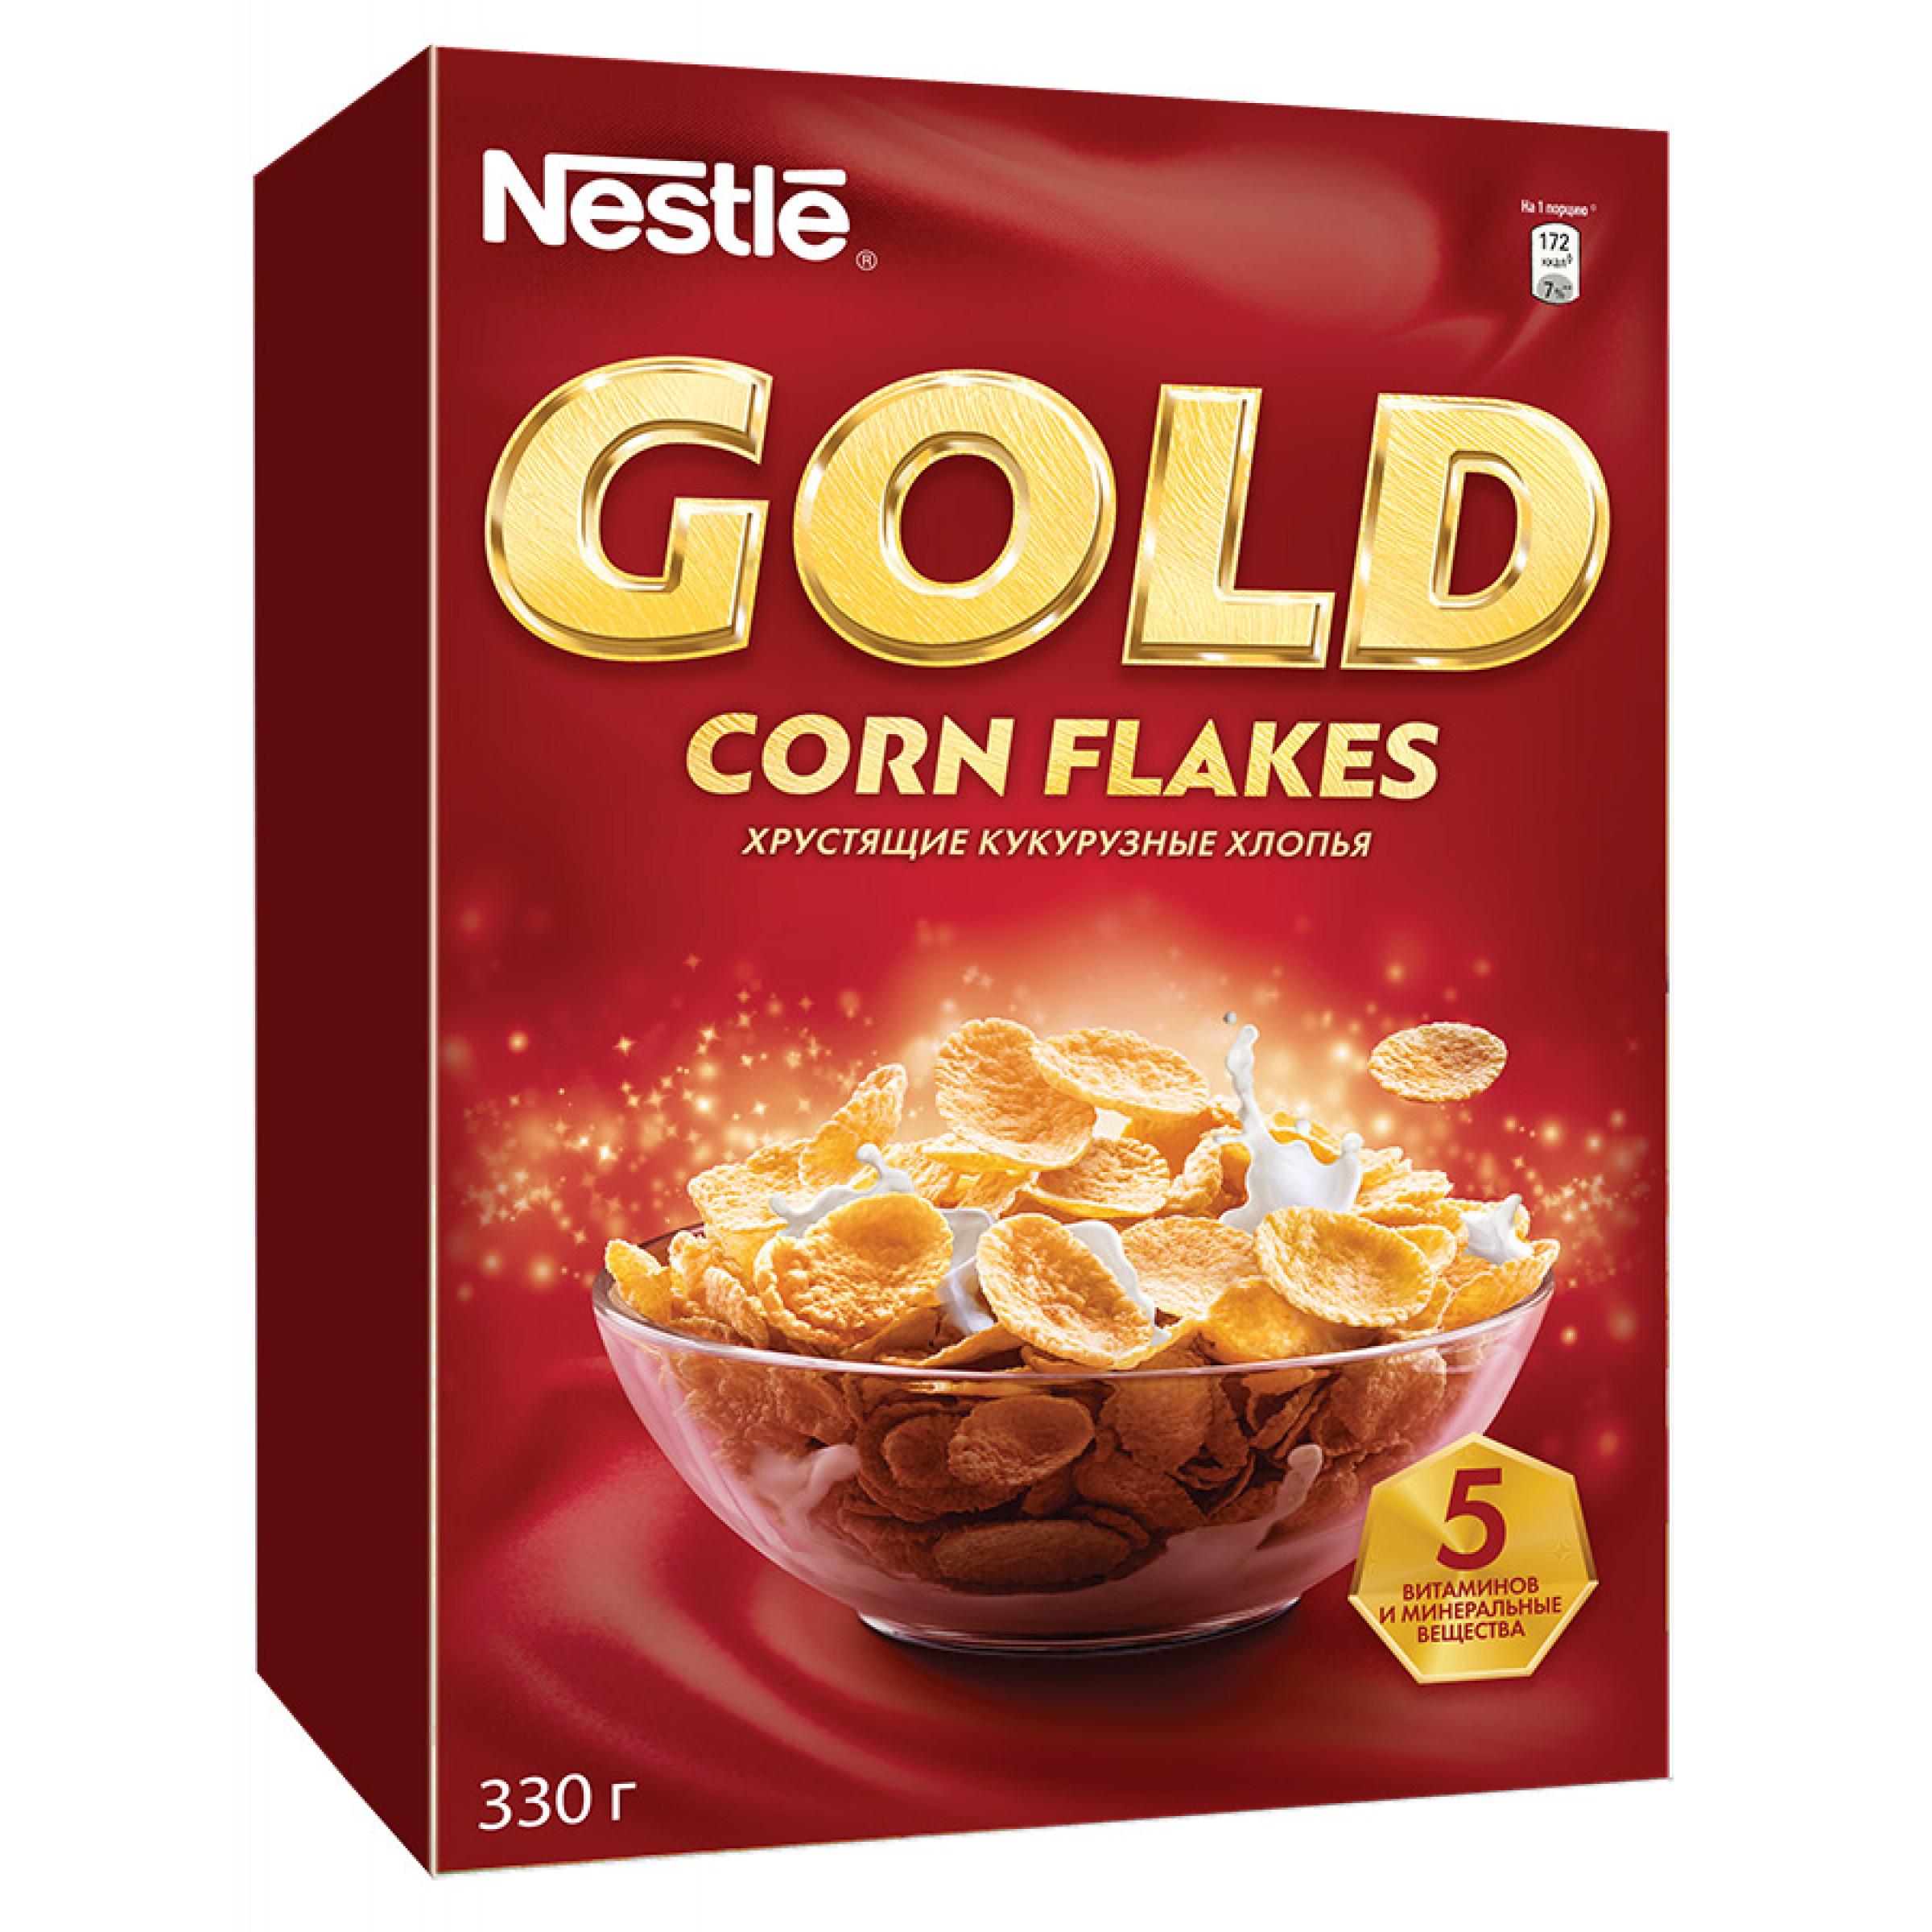 """Готовый завтрак хрустящие кукурузные хлопья Gold Corn Flakes """"Nestle"""", 330гр"""